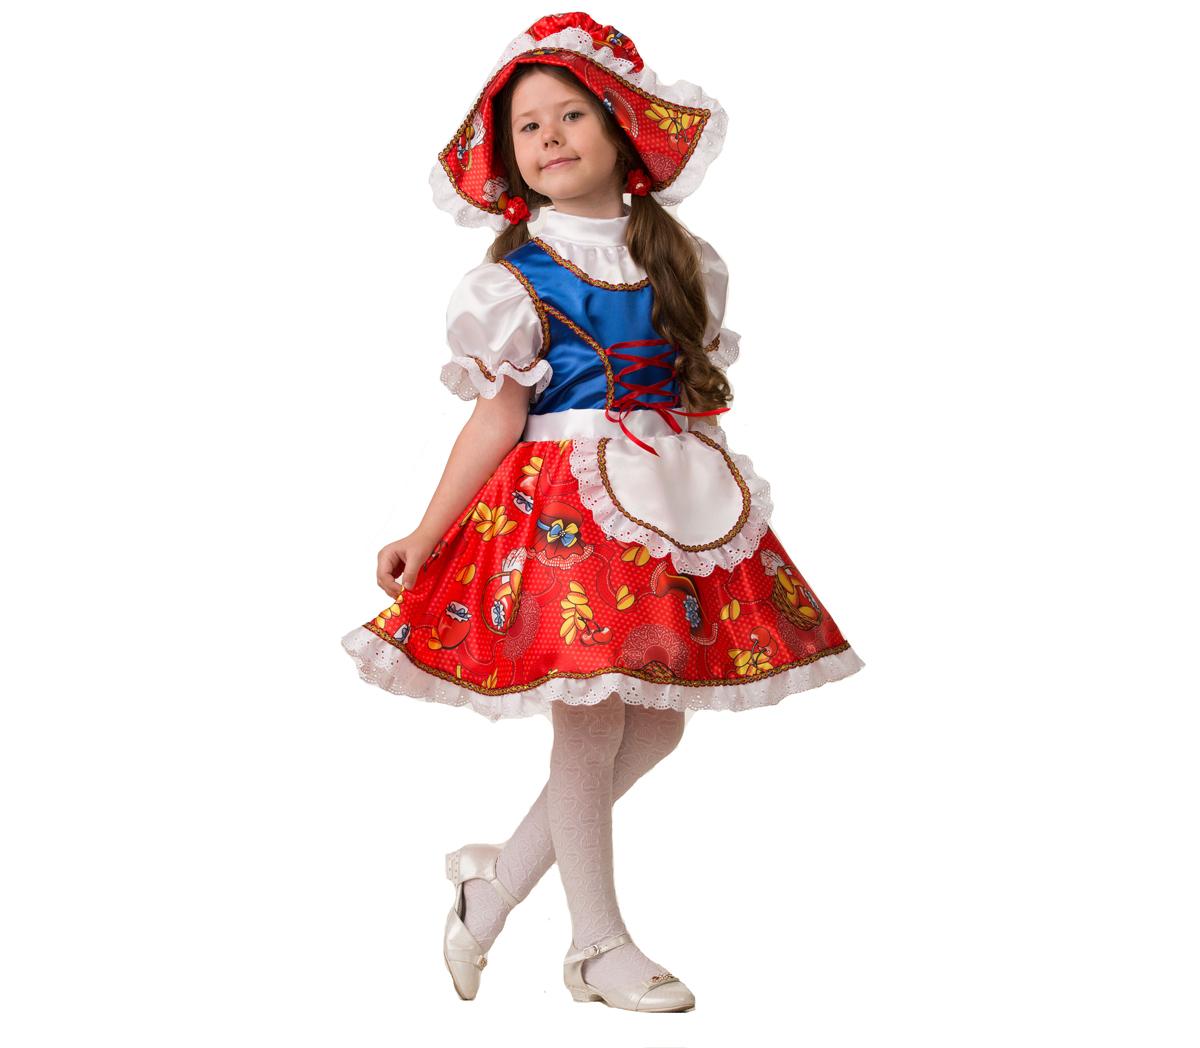 Батик Костюм карнавальный для девочки Красная Шапочка сказочная размер 34 батик карнавальный костюм для девочки снежинка размер 32